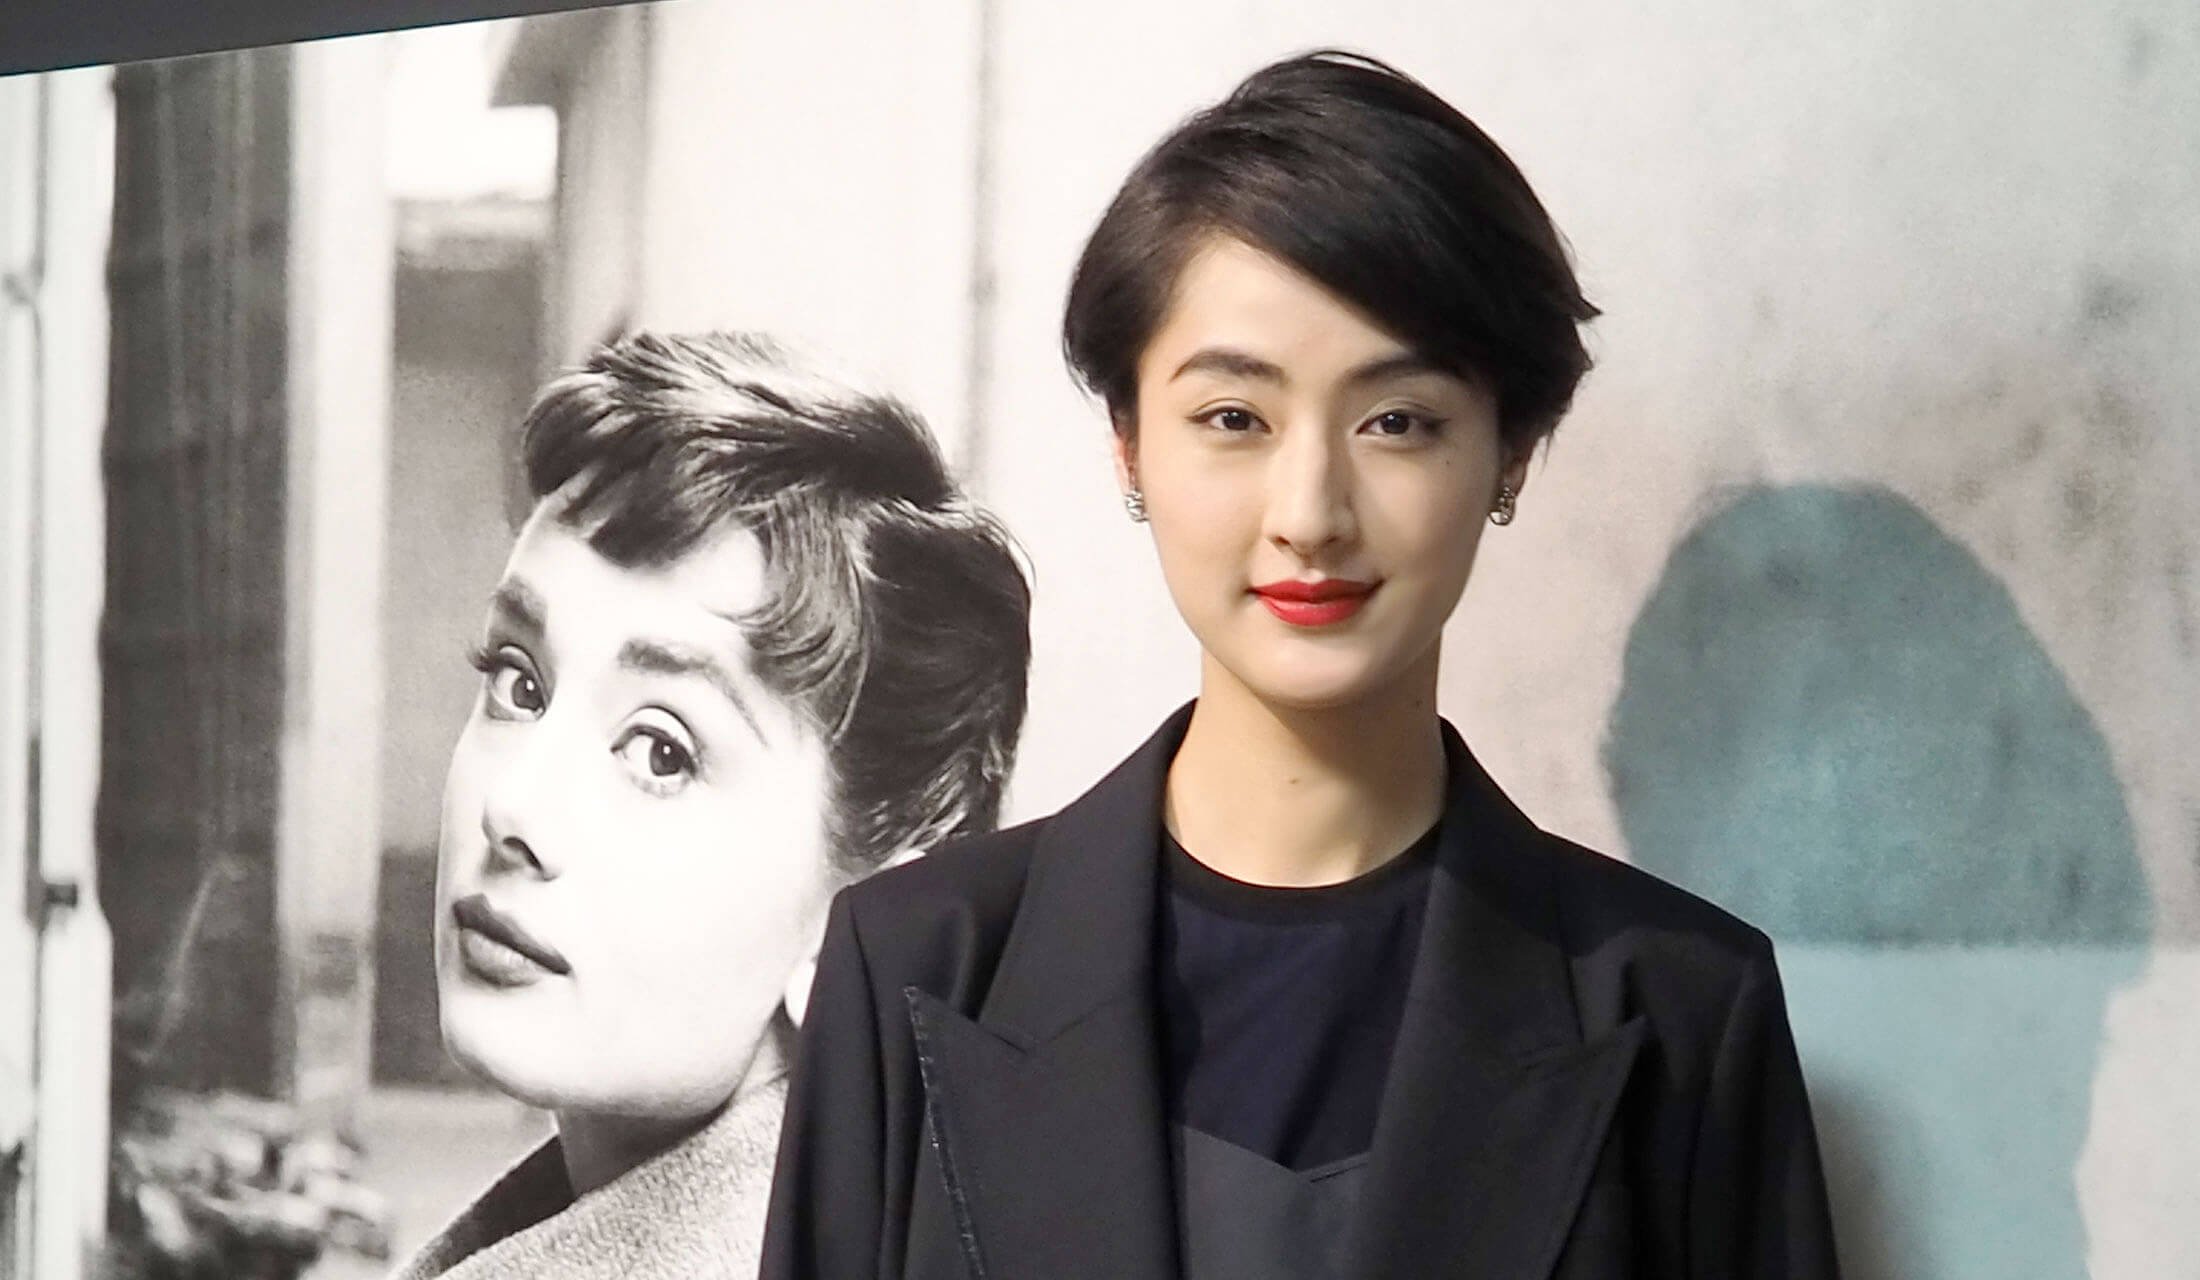 「写真展 オードリー・へプバーン」記者発表に登壇した、歌手・女優・モデルのシシドカフカさん